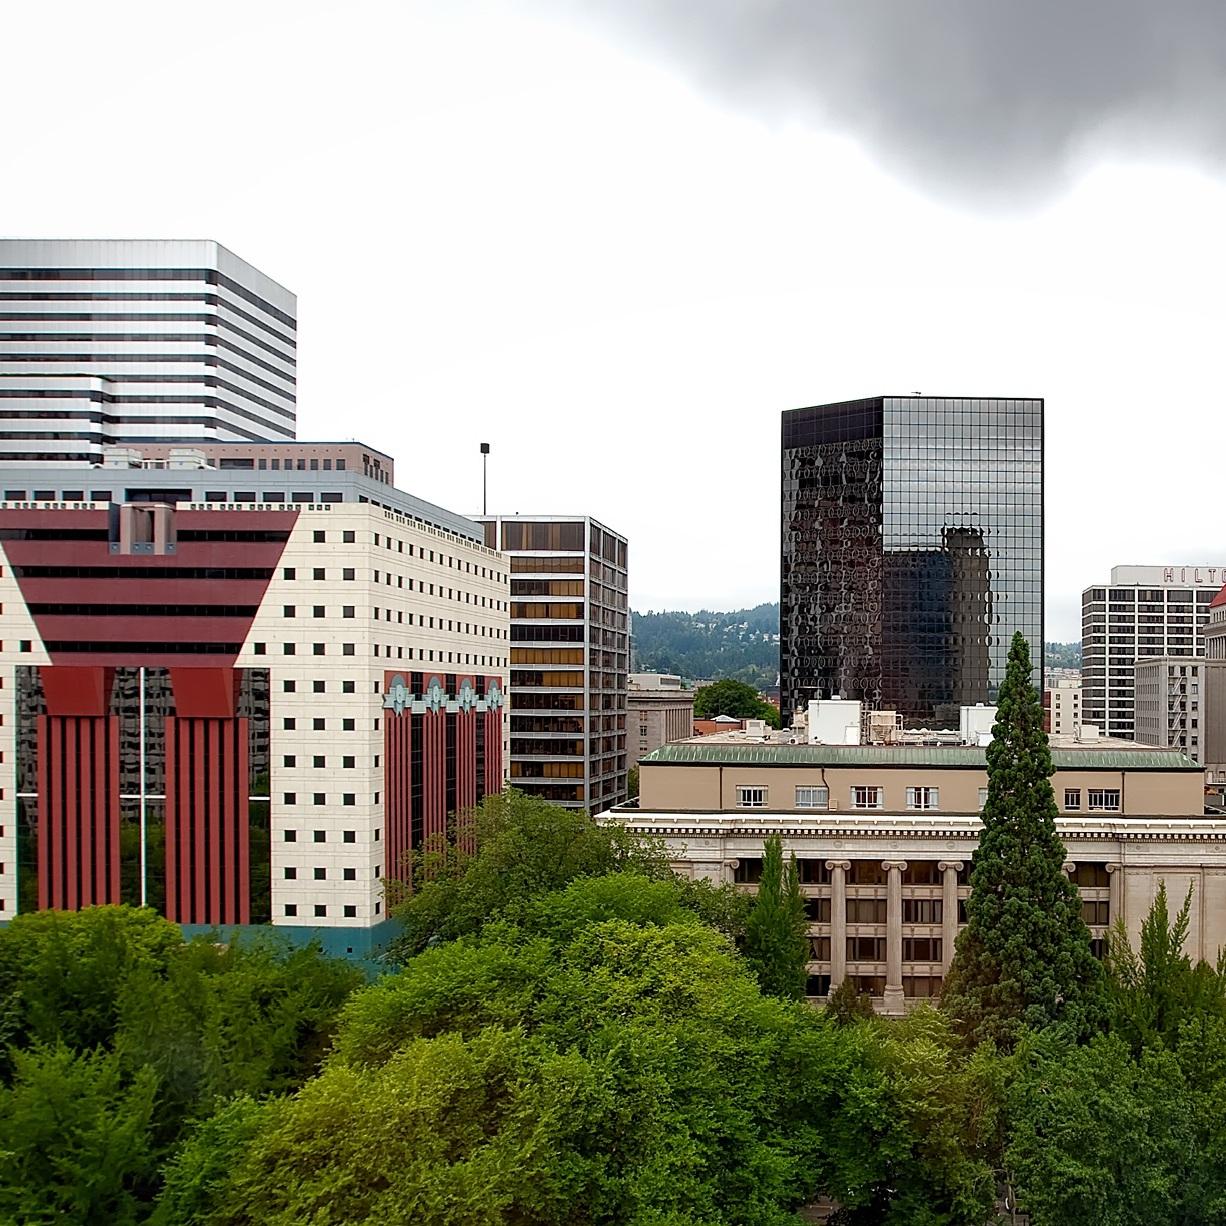 Portland, OR  September 13, 2019